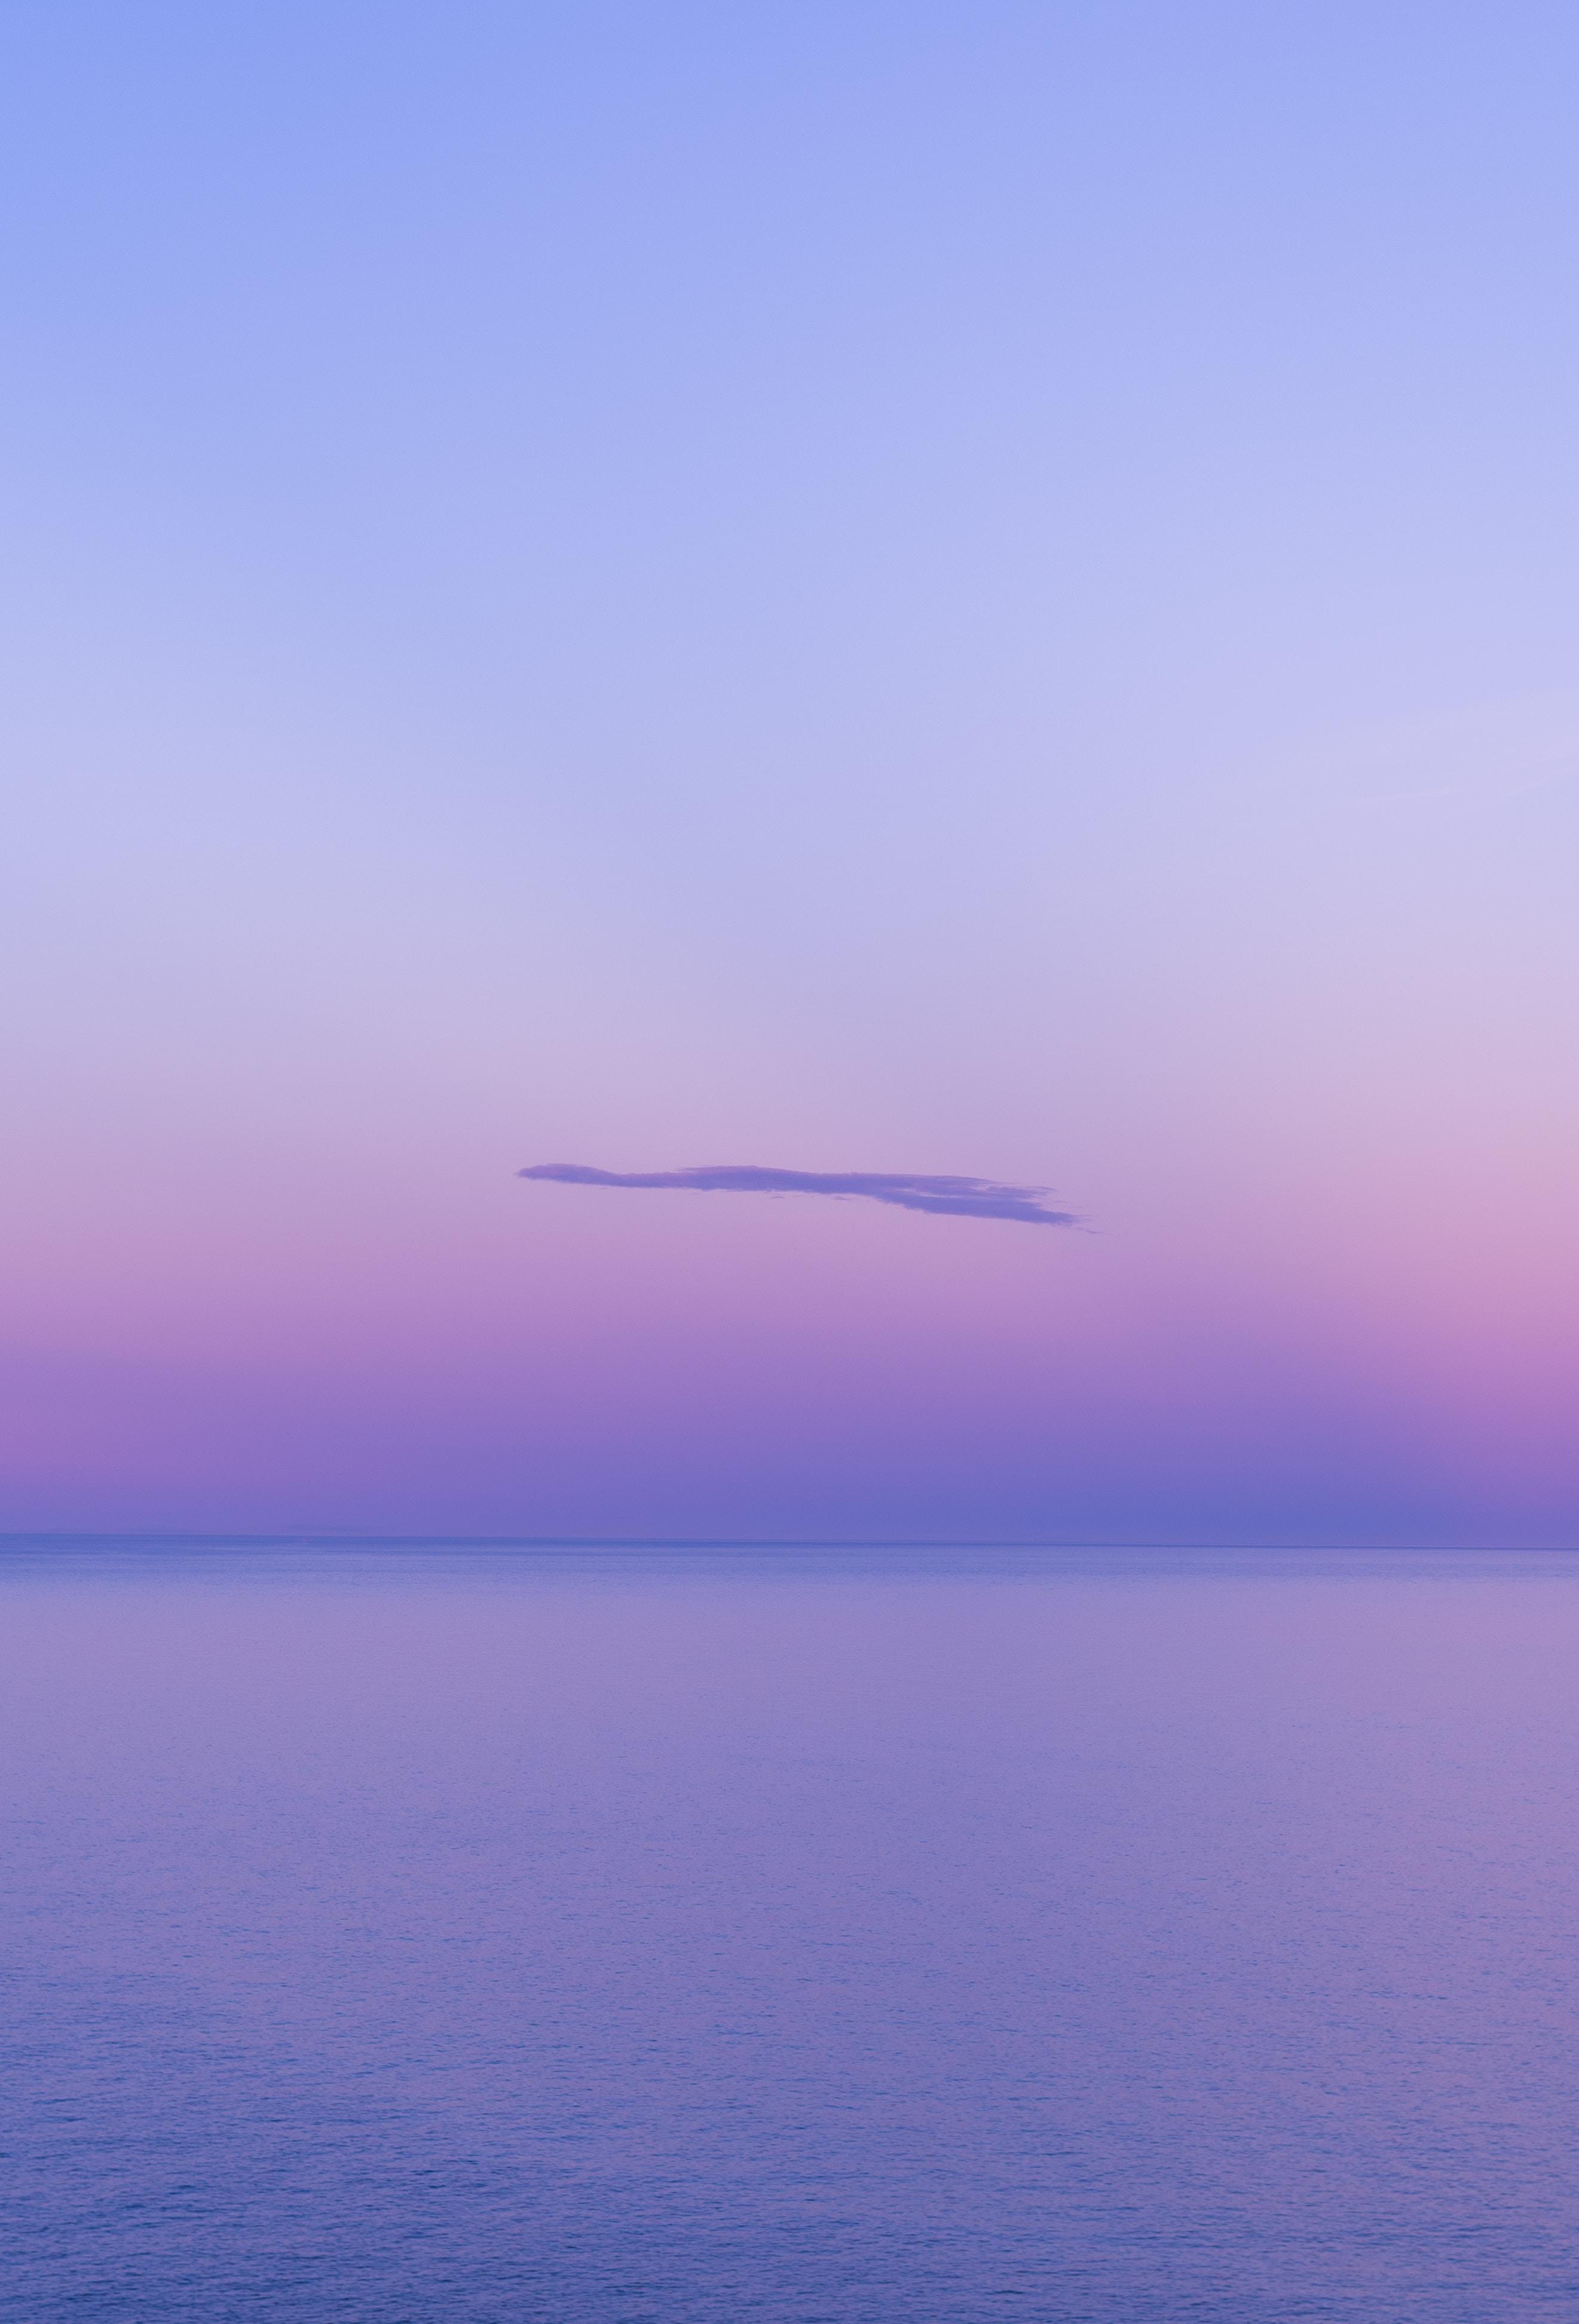 62616 免費下載壁紙 性质, 水, 云, 云端, 地平线, 紫色的, 品红色, 阴霾, 雾霾 屏保和圖片